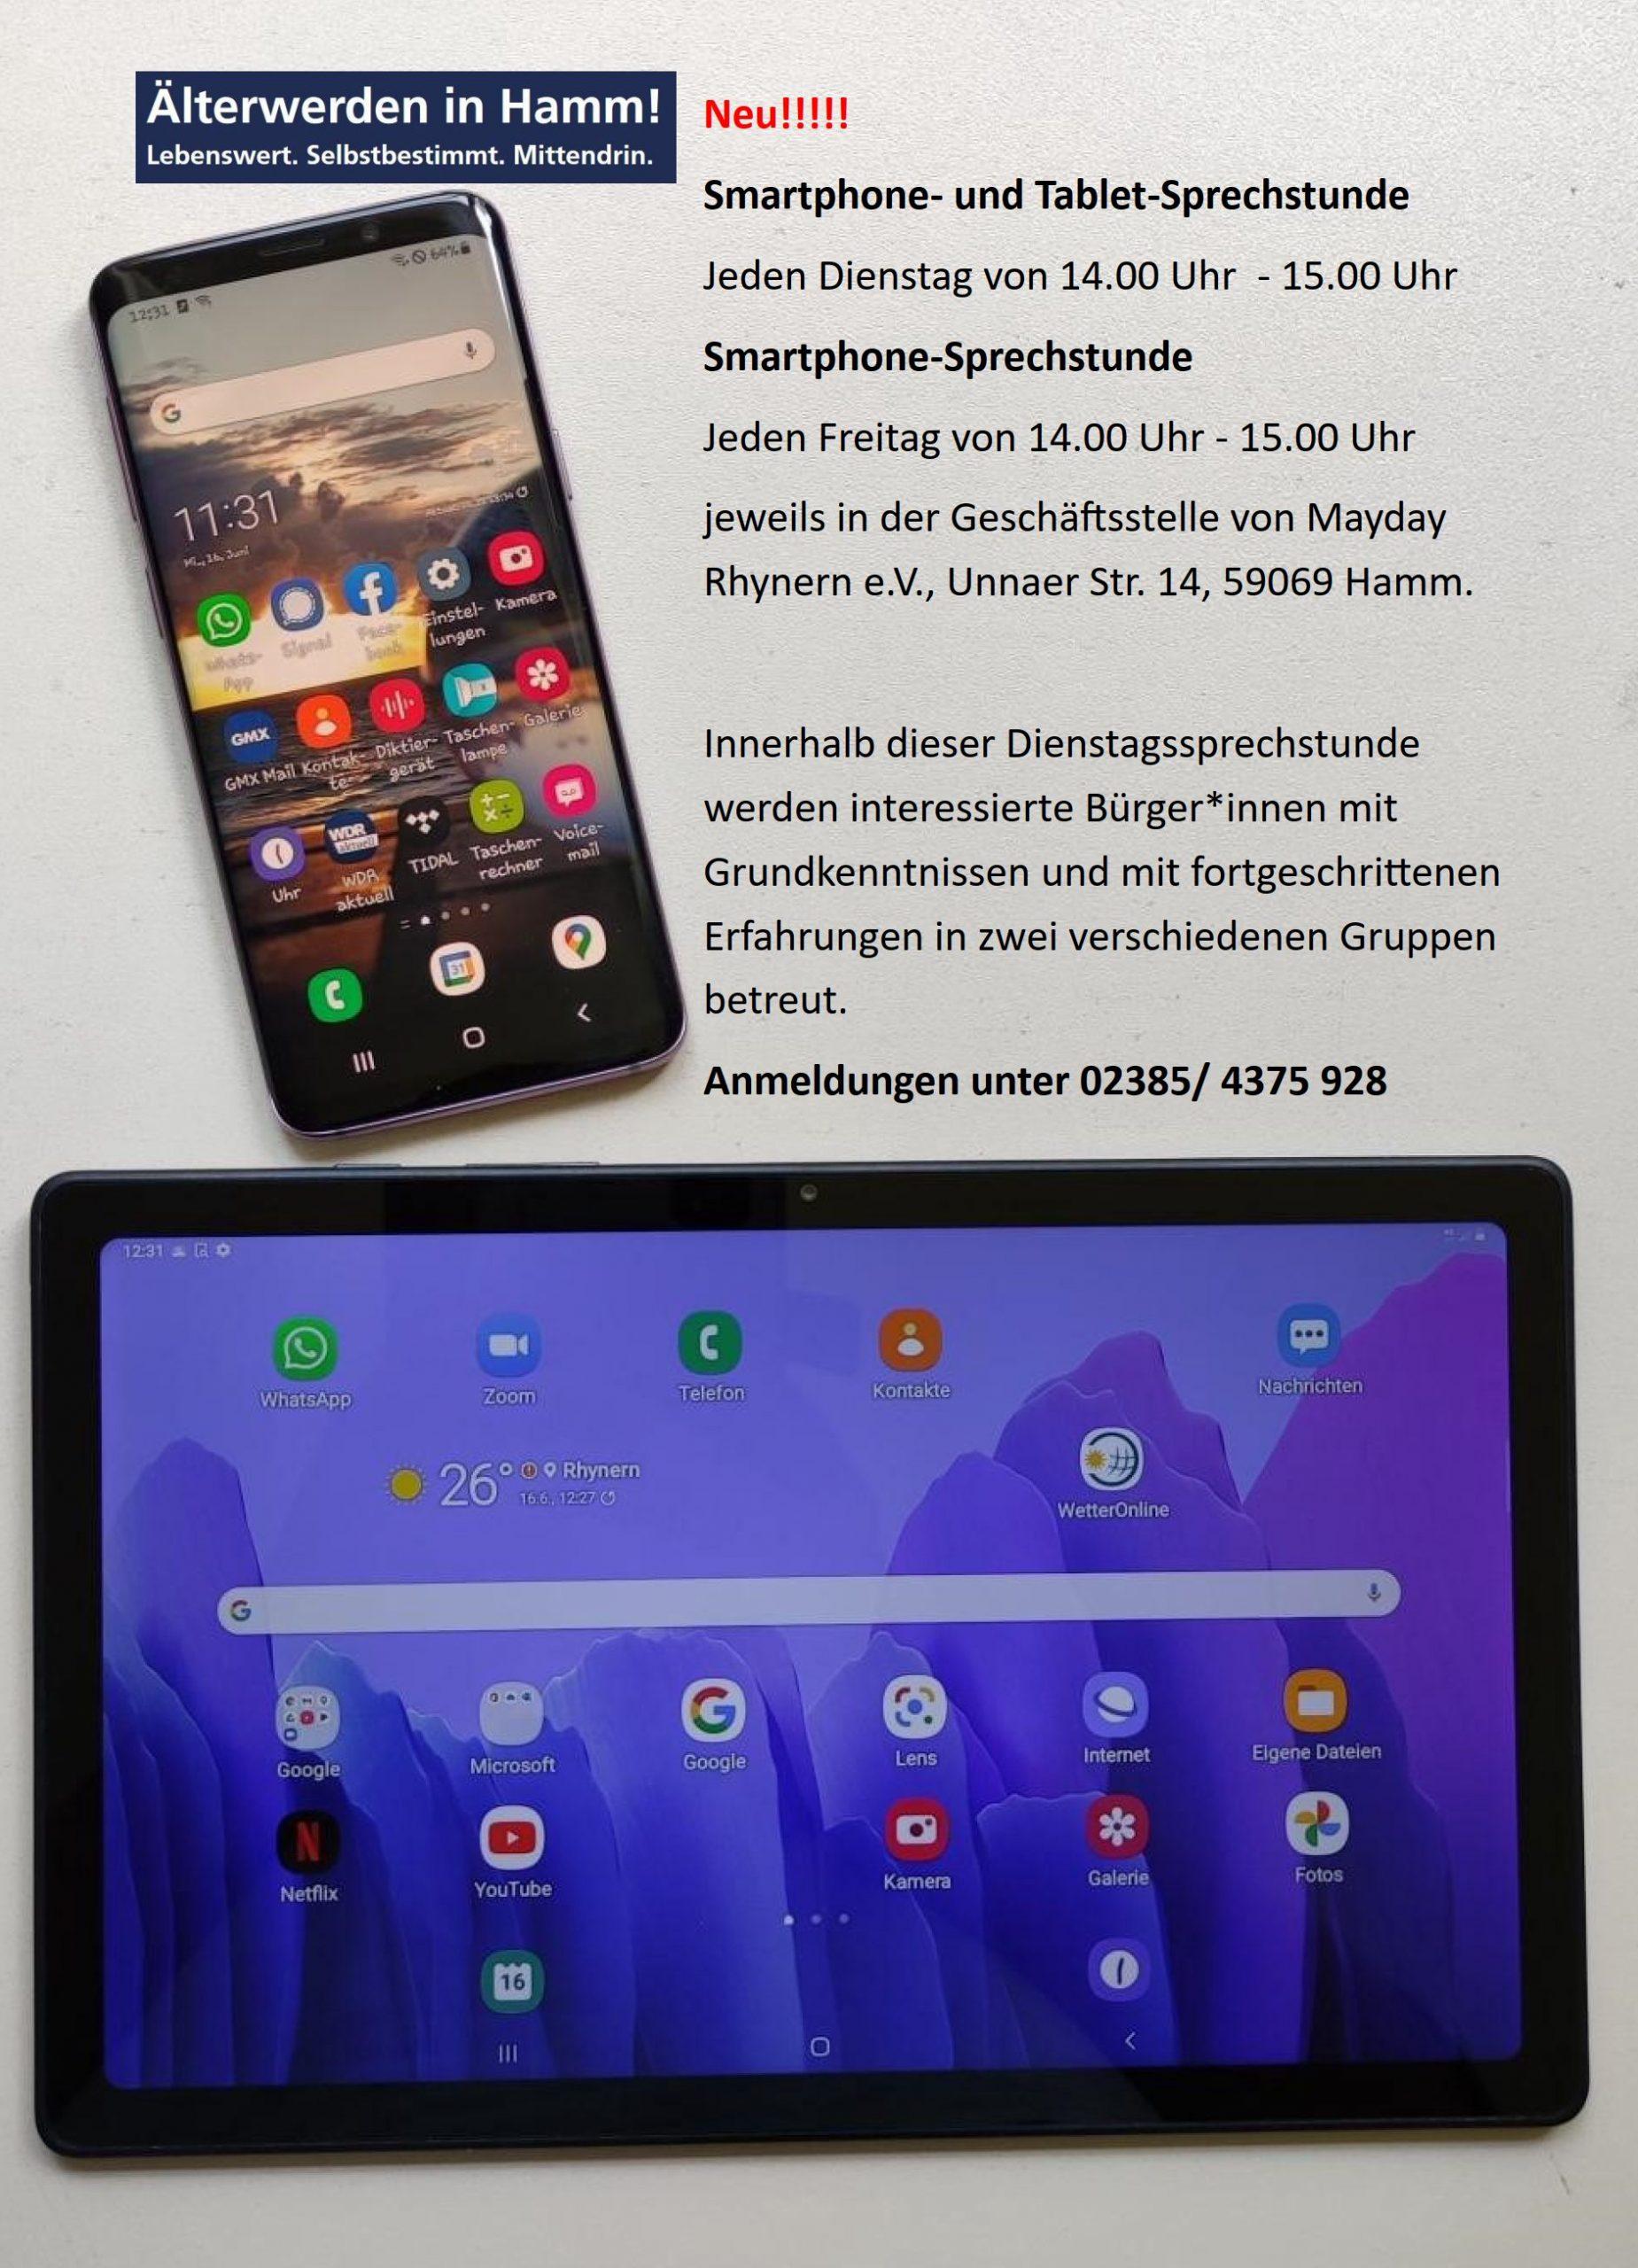 Smartphone-und Tablet-Sprechstunde 60+